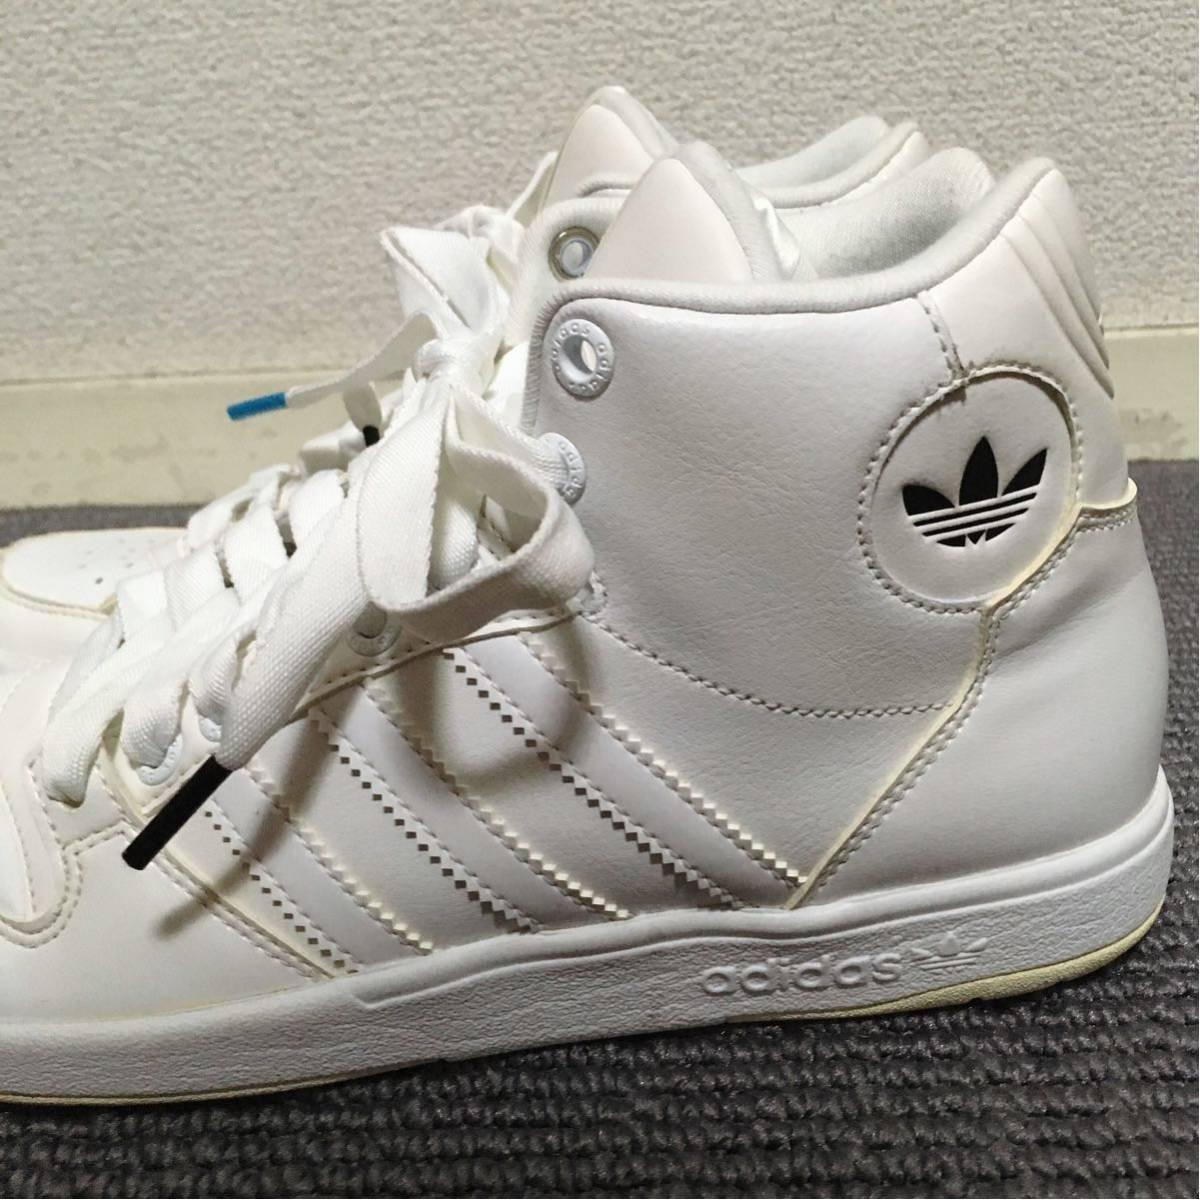 【極美品】adidas ハイカットスニーカー 白 23.5 アディダス_画像2